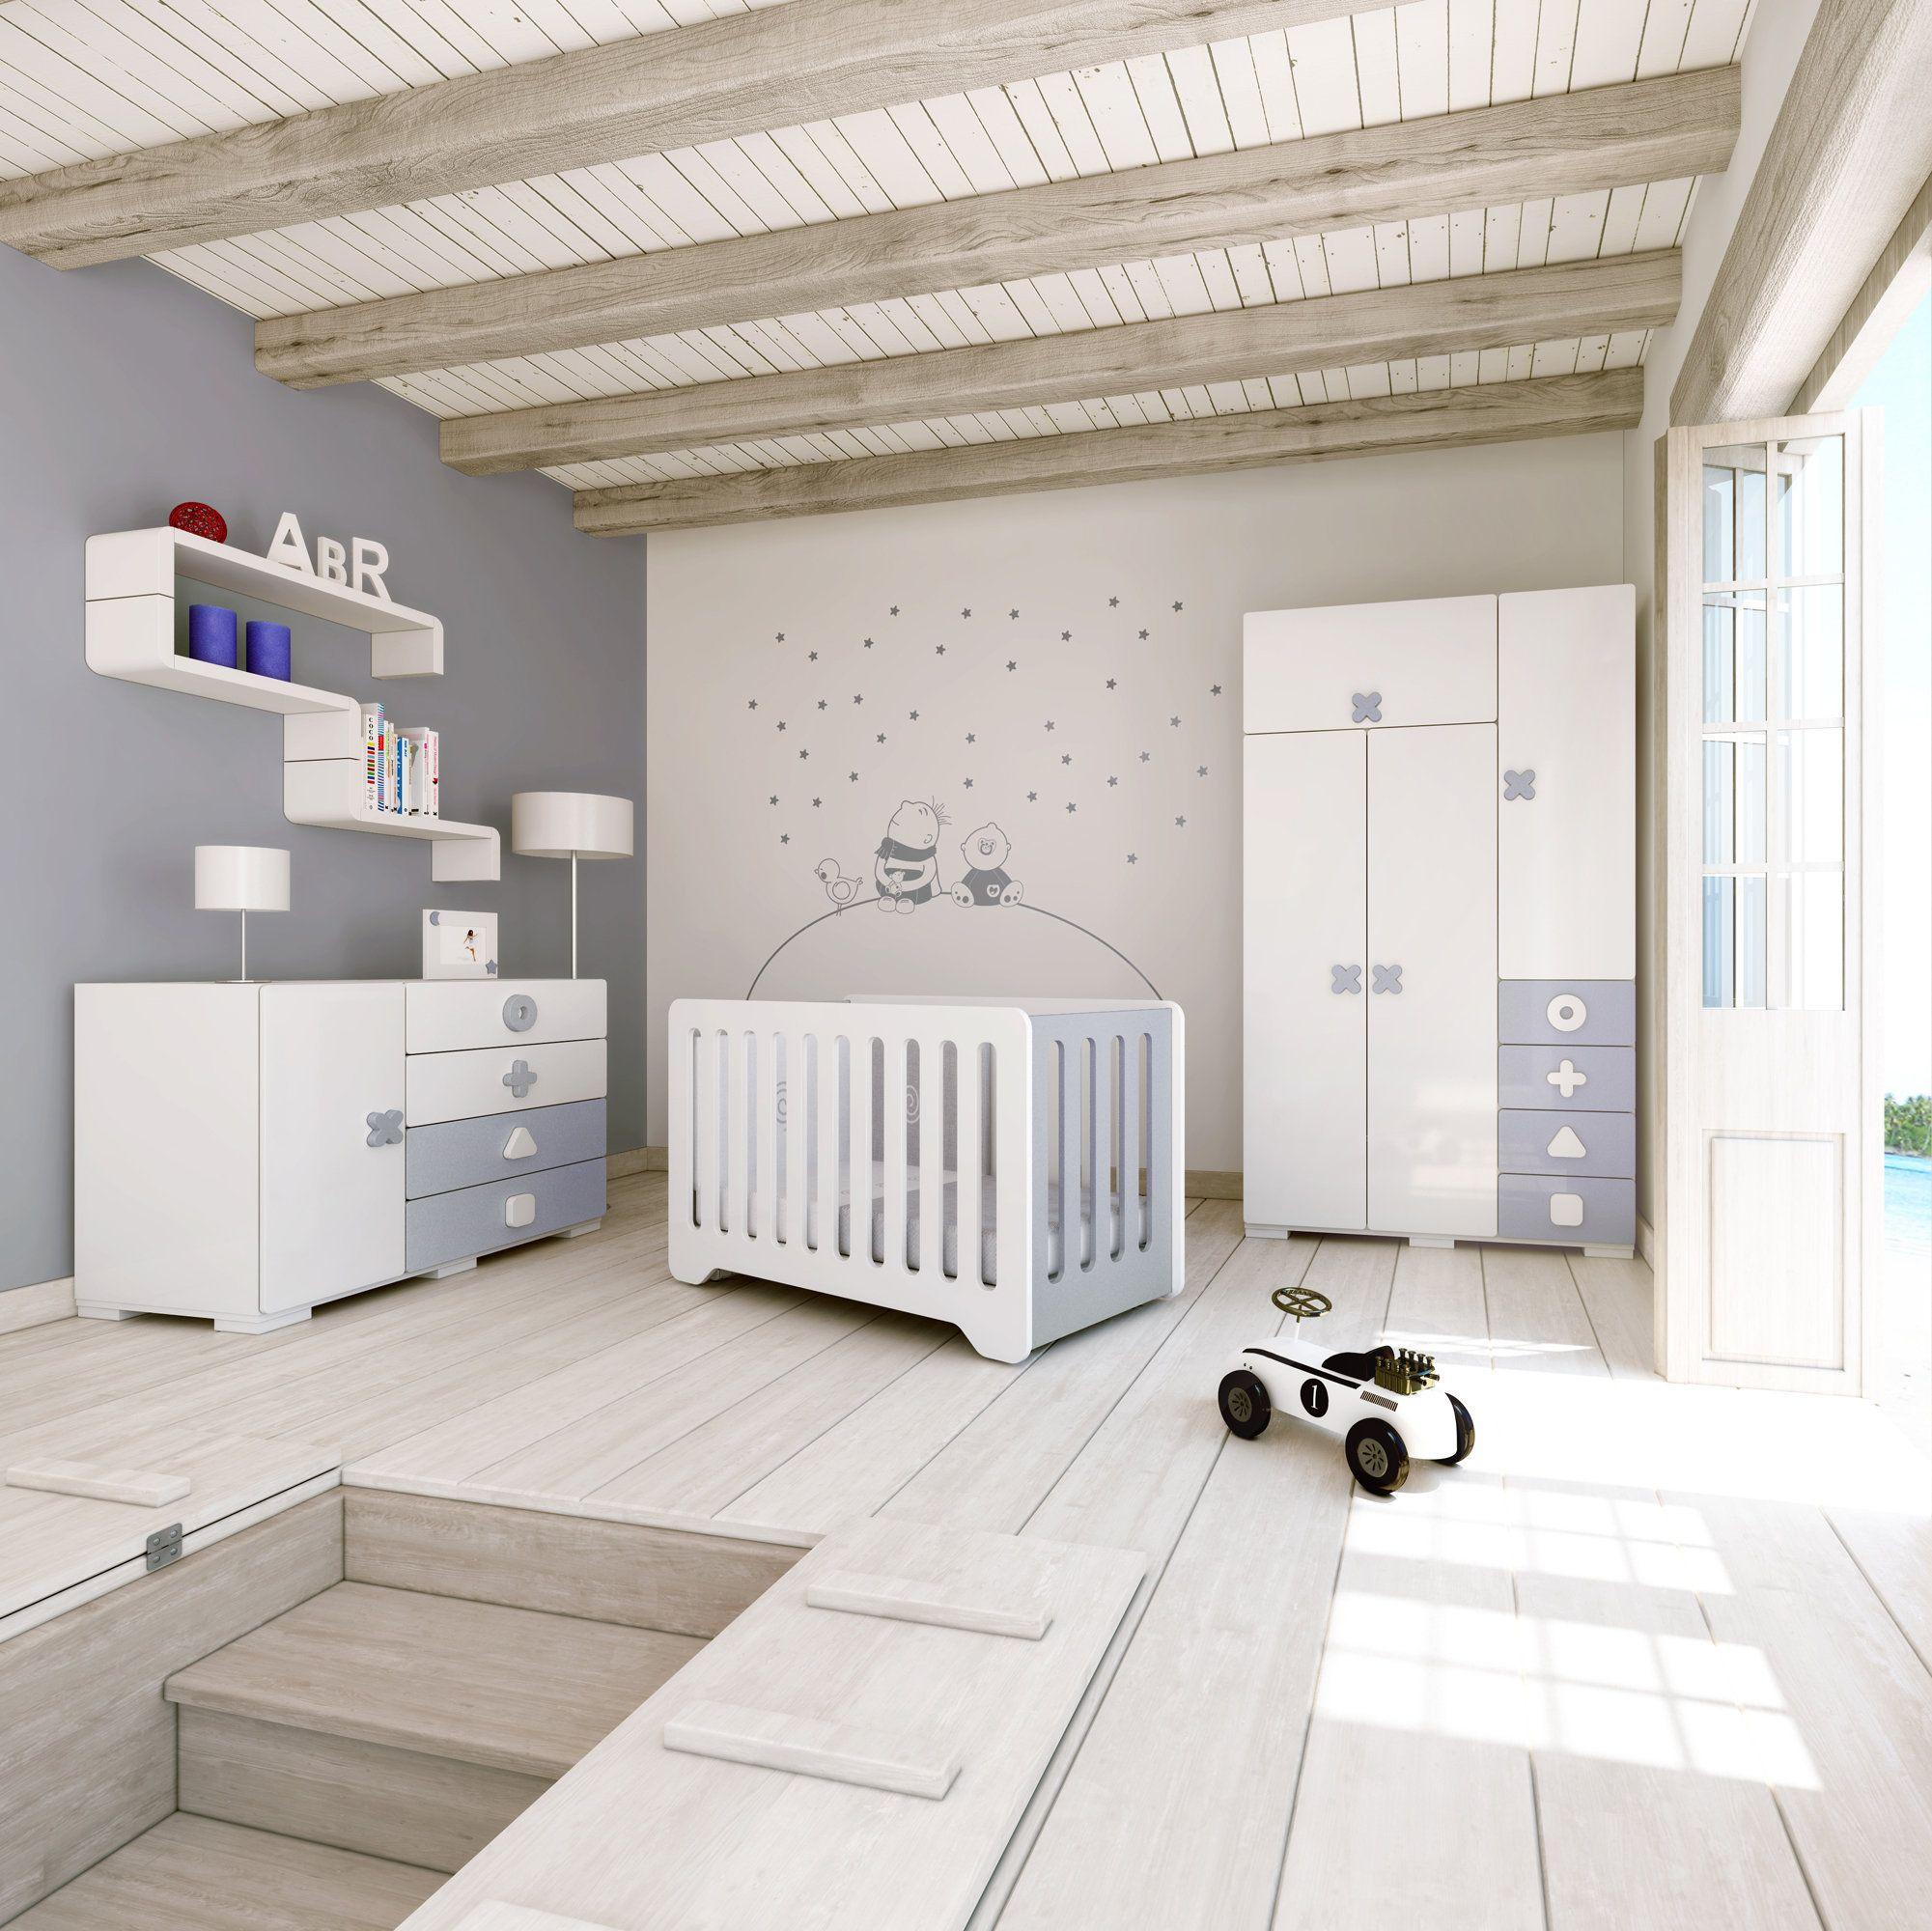 Habitaciones infantiles de dise o y originales para beb s - Diseno habitaciones infantiles ...